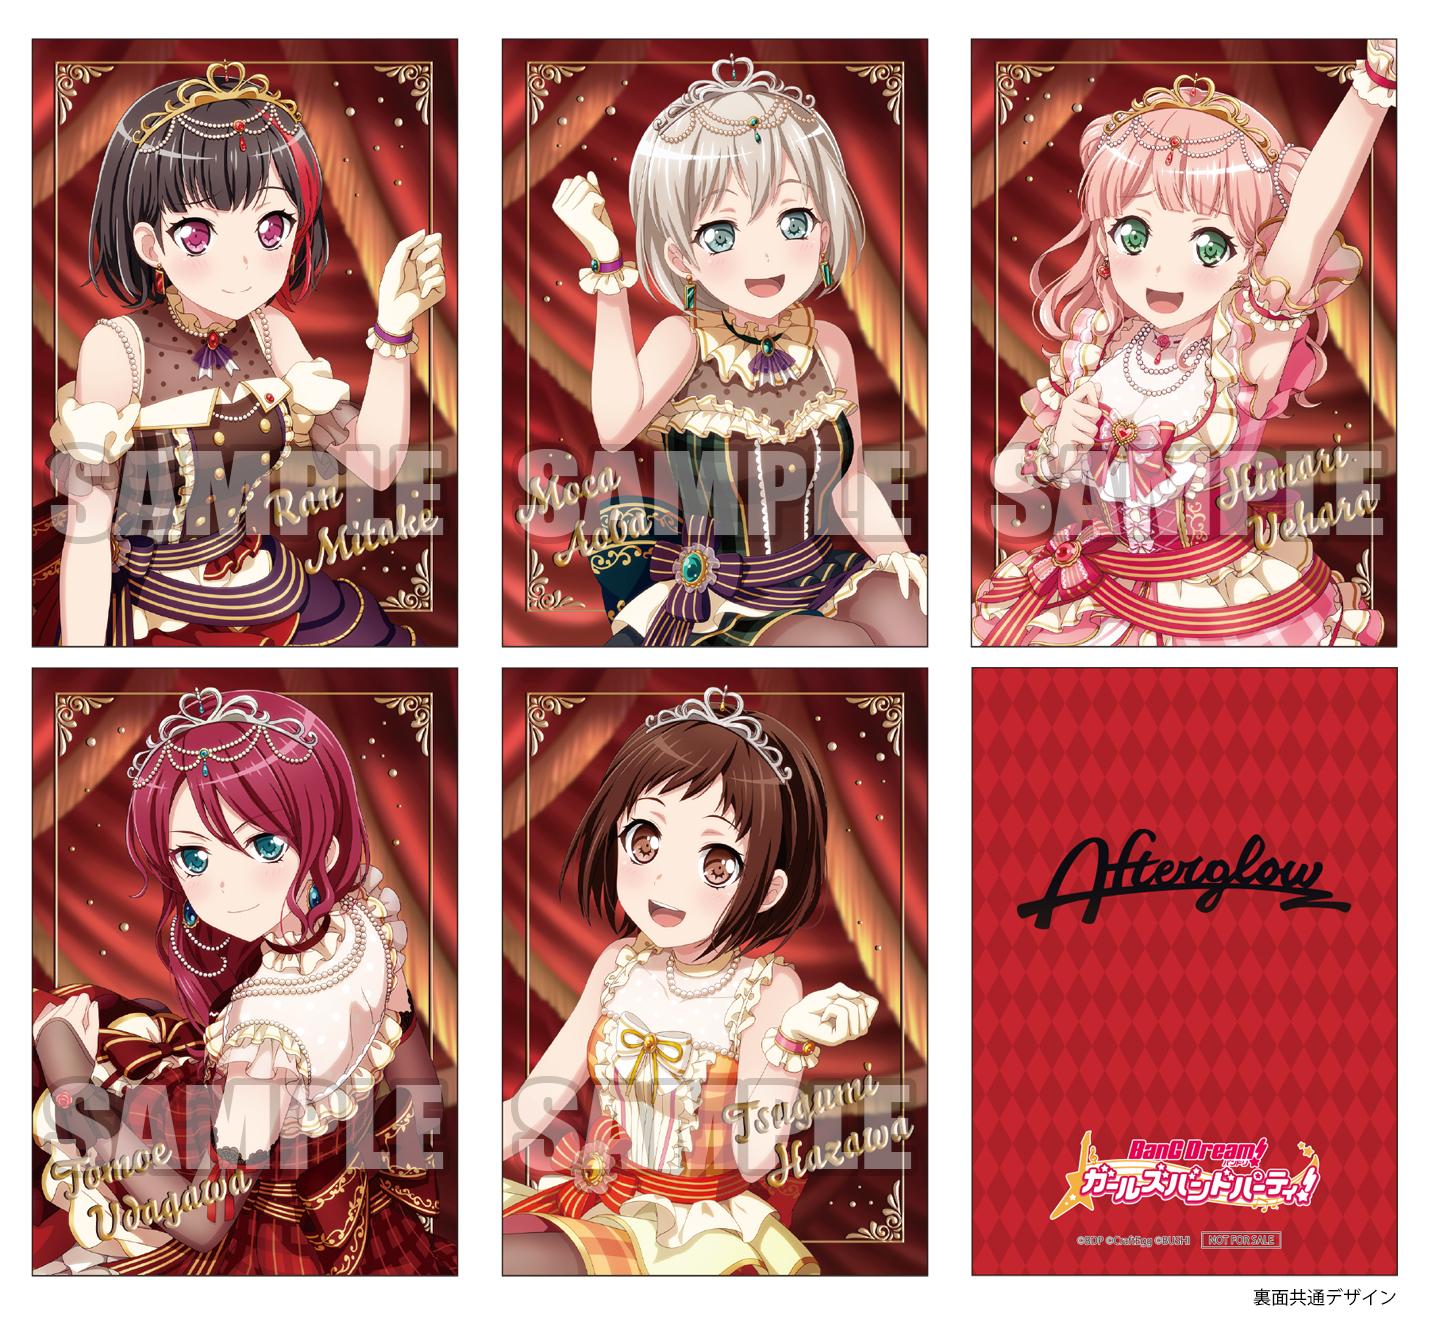 オリジナルキャラクターカード1枚(全5種)